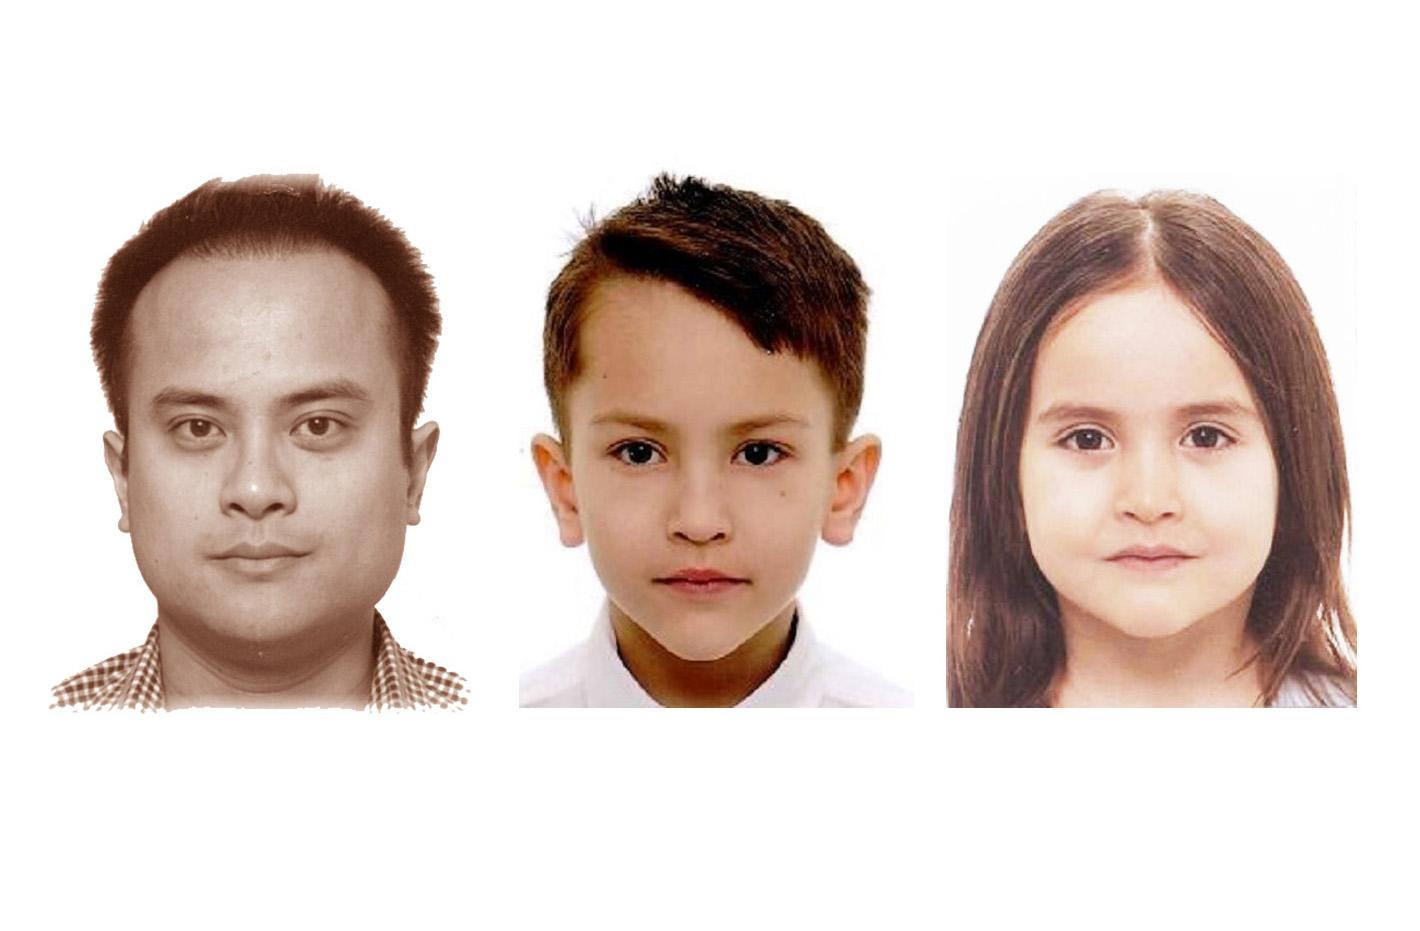 Warszawa. Ojciec zniknął z dwójką dzieci. Policja apeluje o pomoc